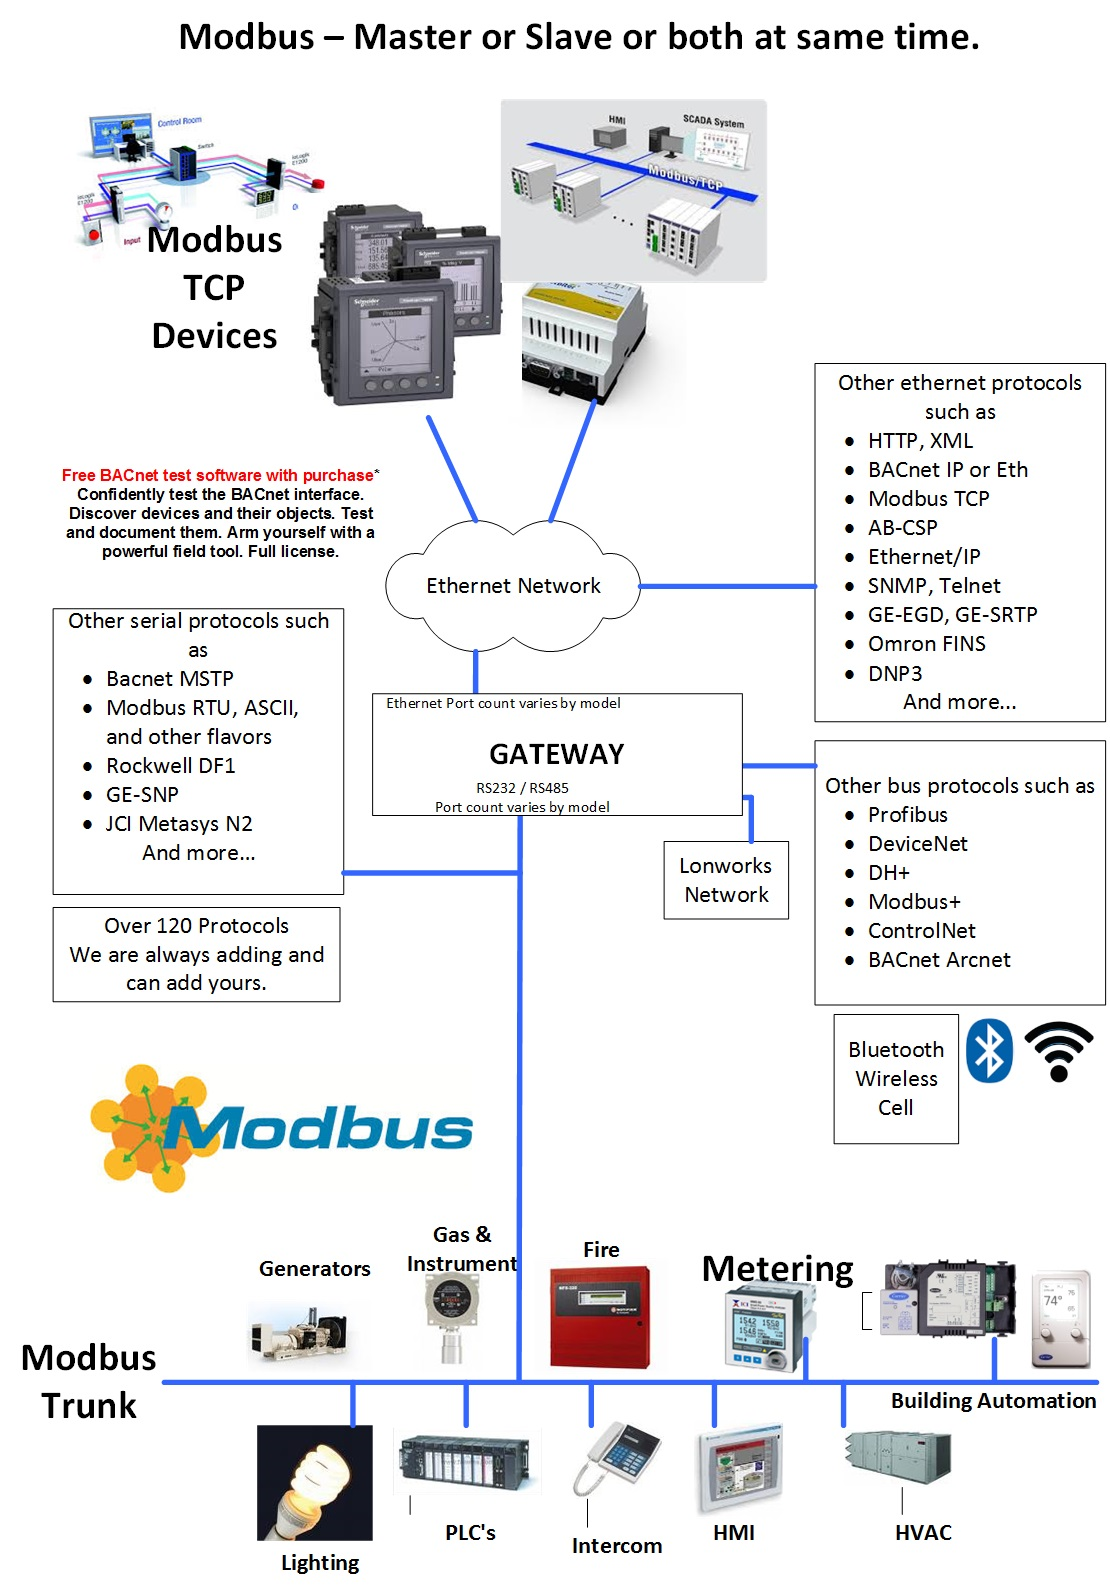 Opto 22 Optimux To Modbus Tcp Relay Wiring Diagram Imports Blockdiagrams Lp Opto22